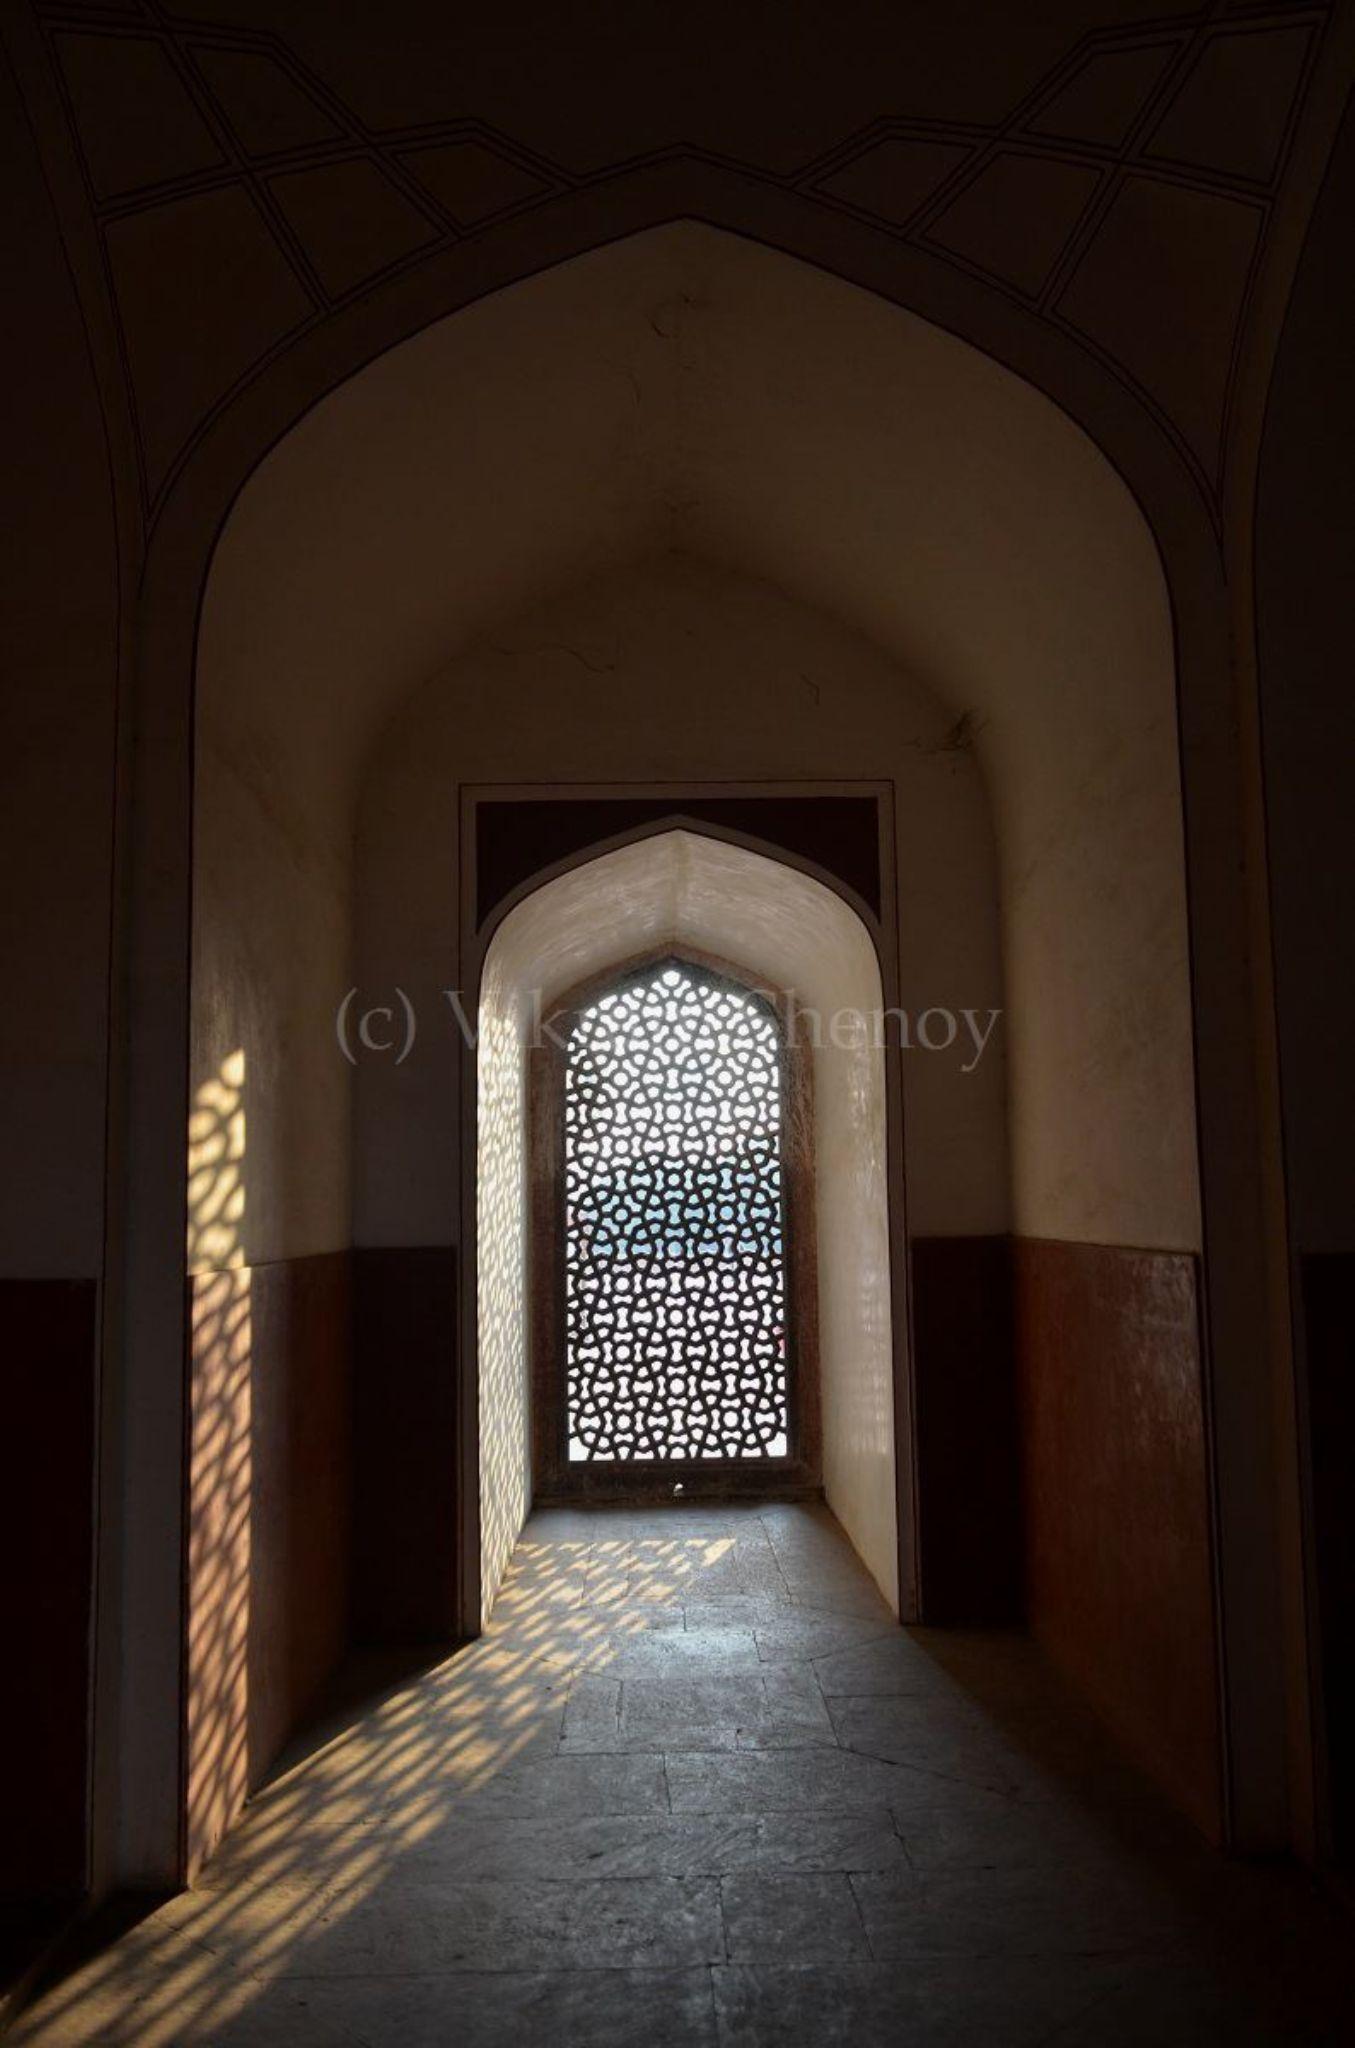 Rays in the Sanctum by Vikram Shenoy